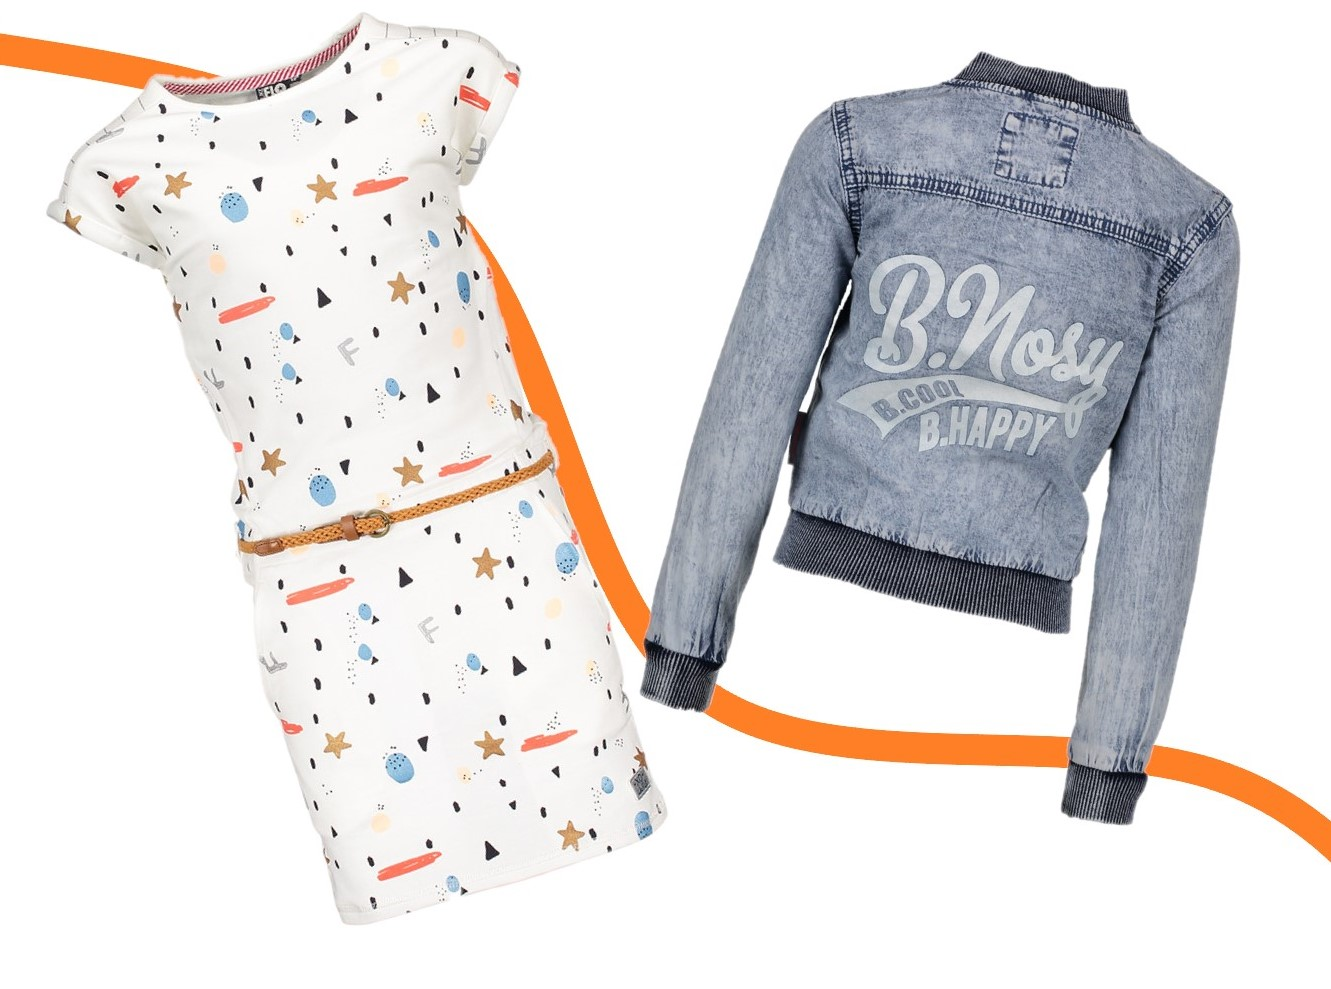 voorjaarslook, meisjeskleding, kinderkleding